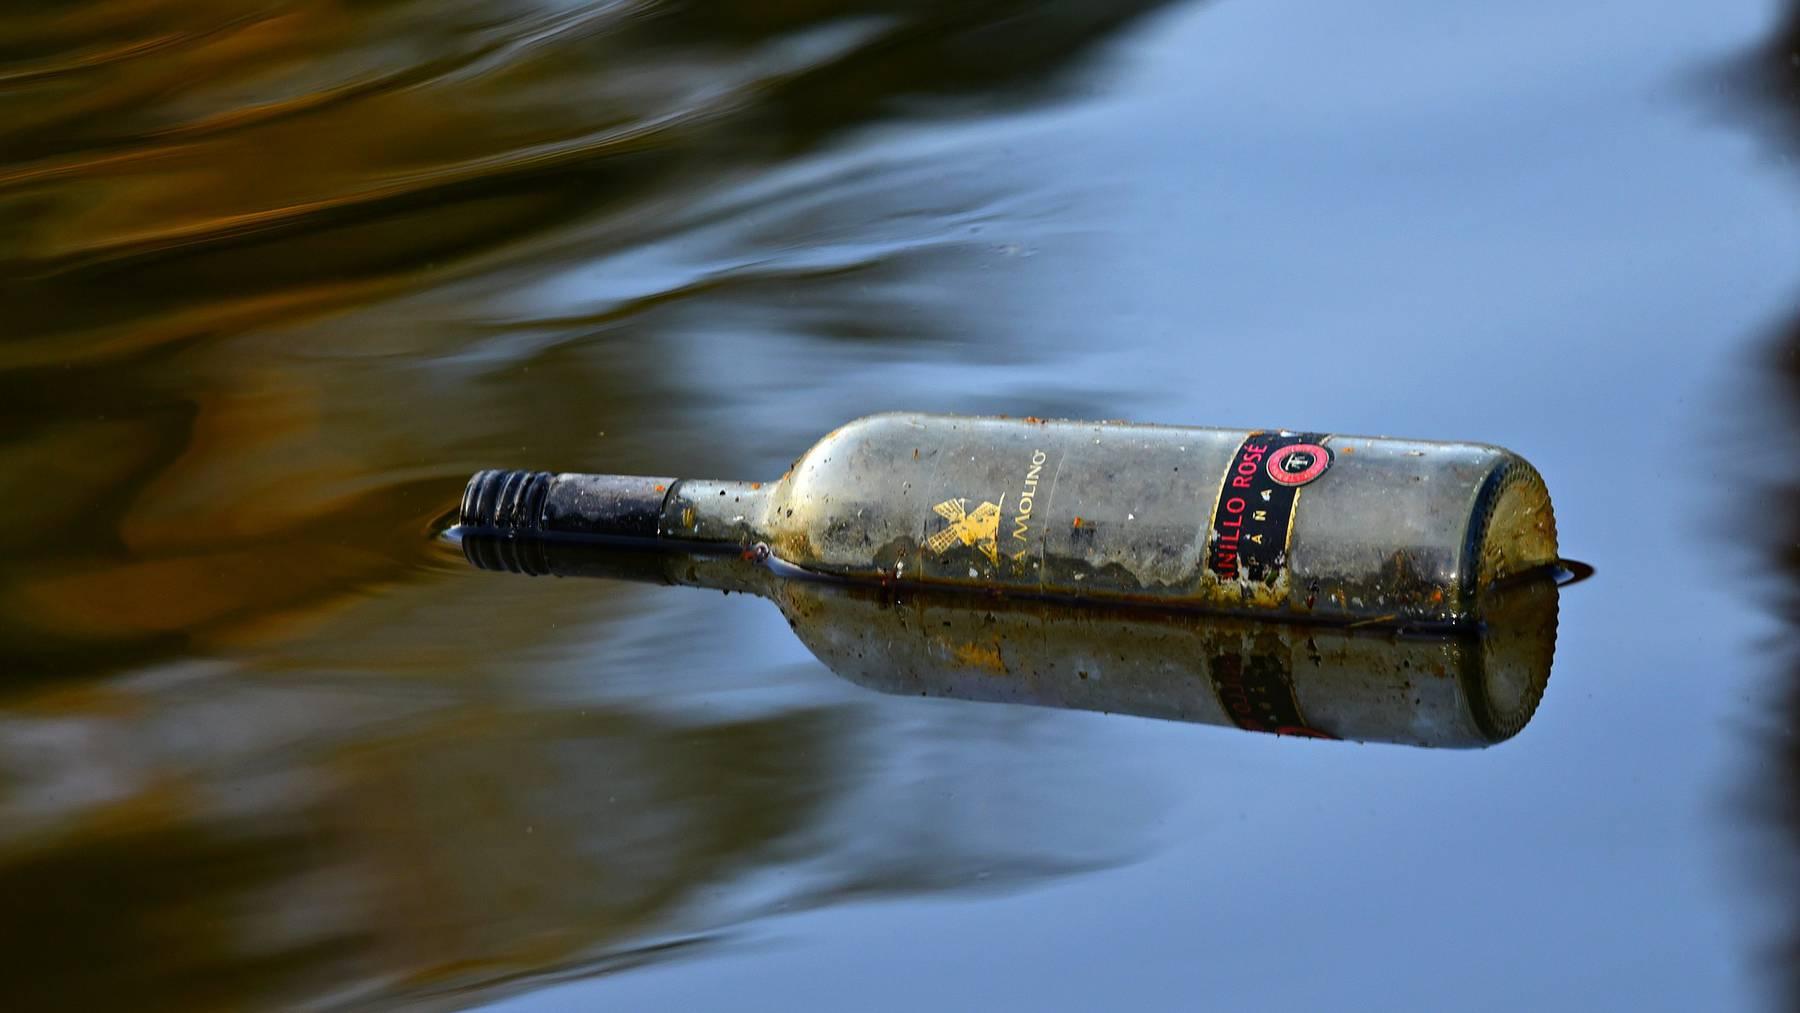 88 Fälle von Gewässerverschmutzung registriert